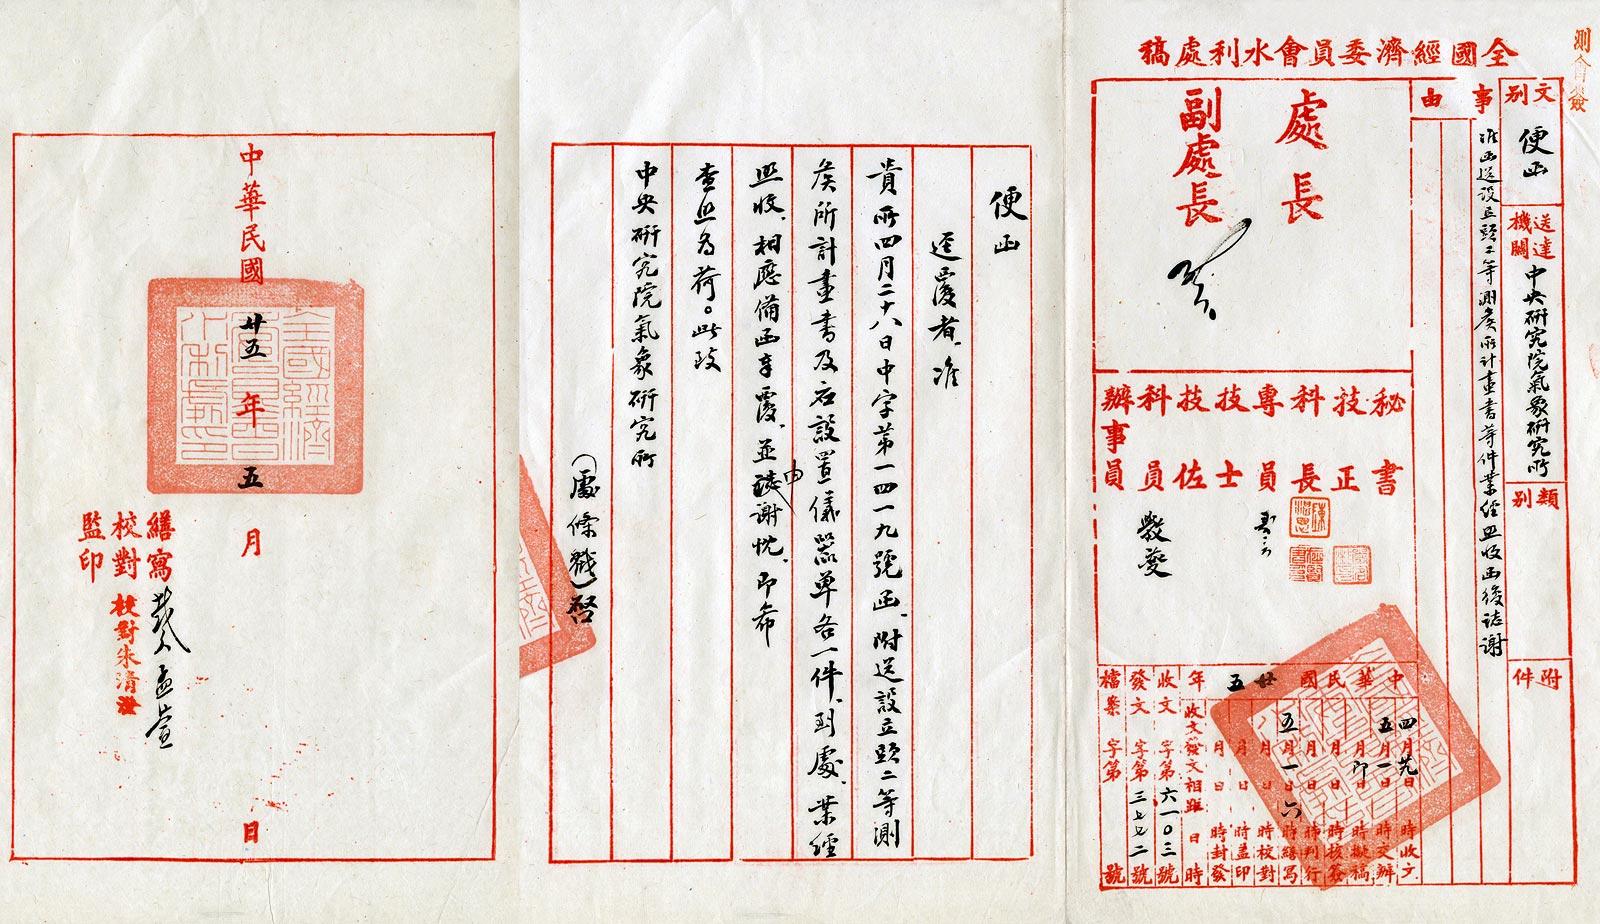 1936年5月,水利處與中研院氣象研究所往來函文,有關合設西安、武漢兩測候所事宜。(26-21-106-01-018)